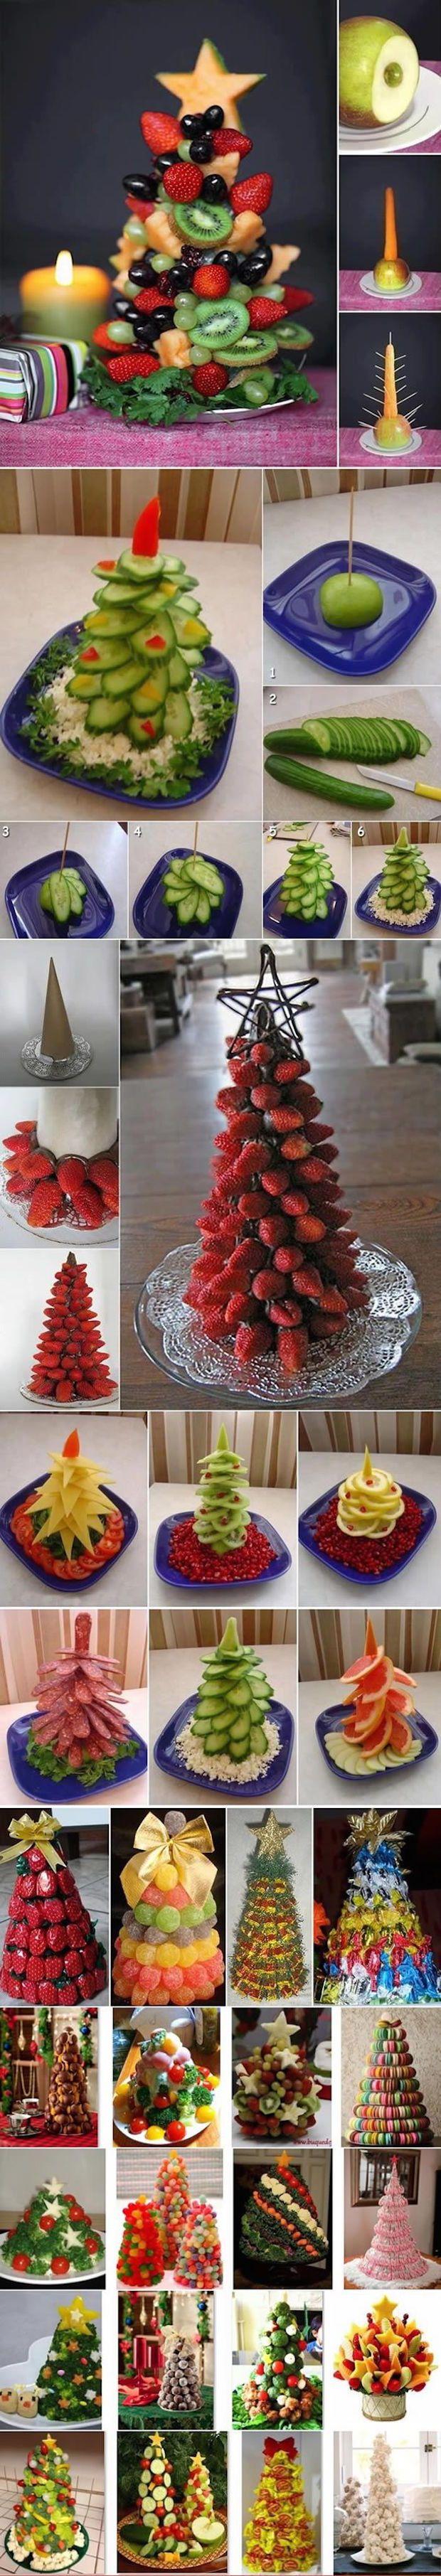 Não está achando sua decoração de Natal perfeita? Quem sabe uma dessas ideias seja o toque que falta.